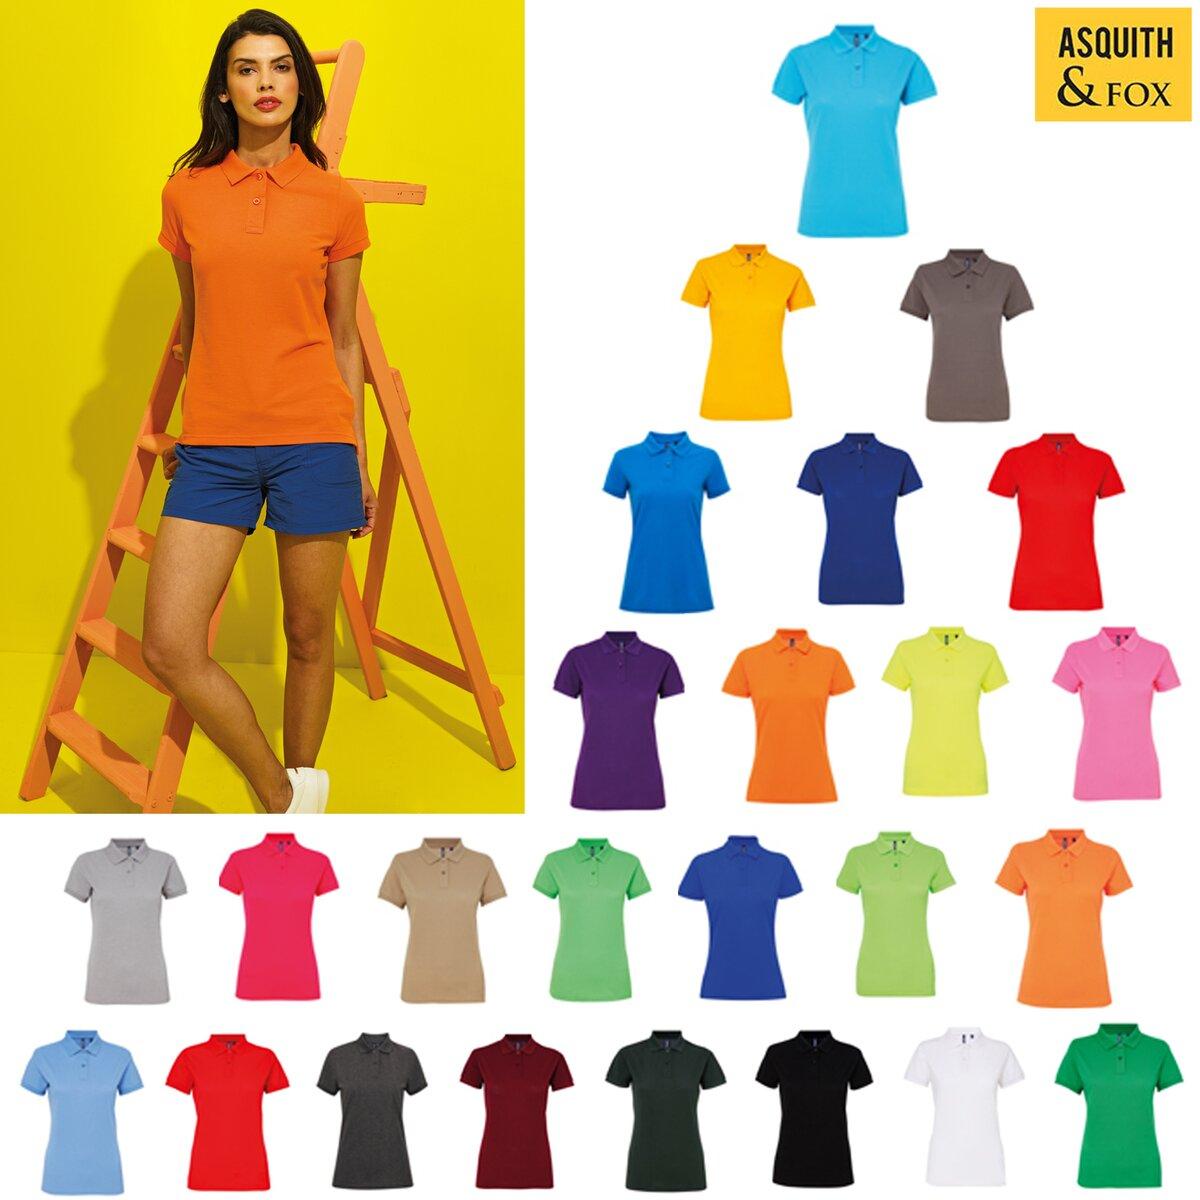 5b1d85a5 Asquith & Fox Women's Poly/Cotton Blend Polo AQ025 -athleisure ...